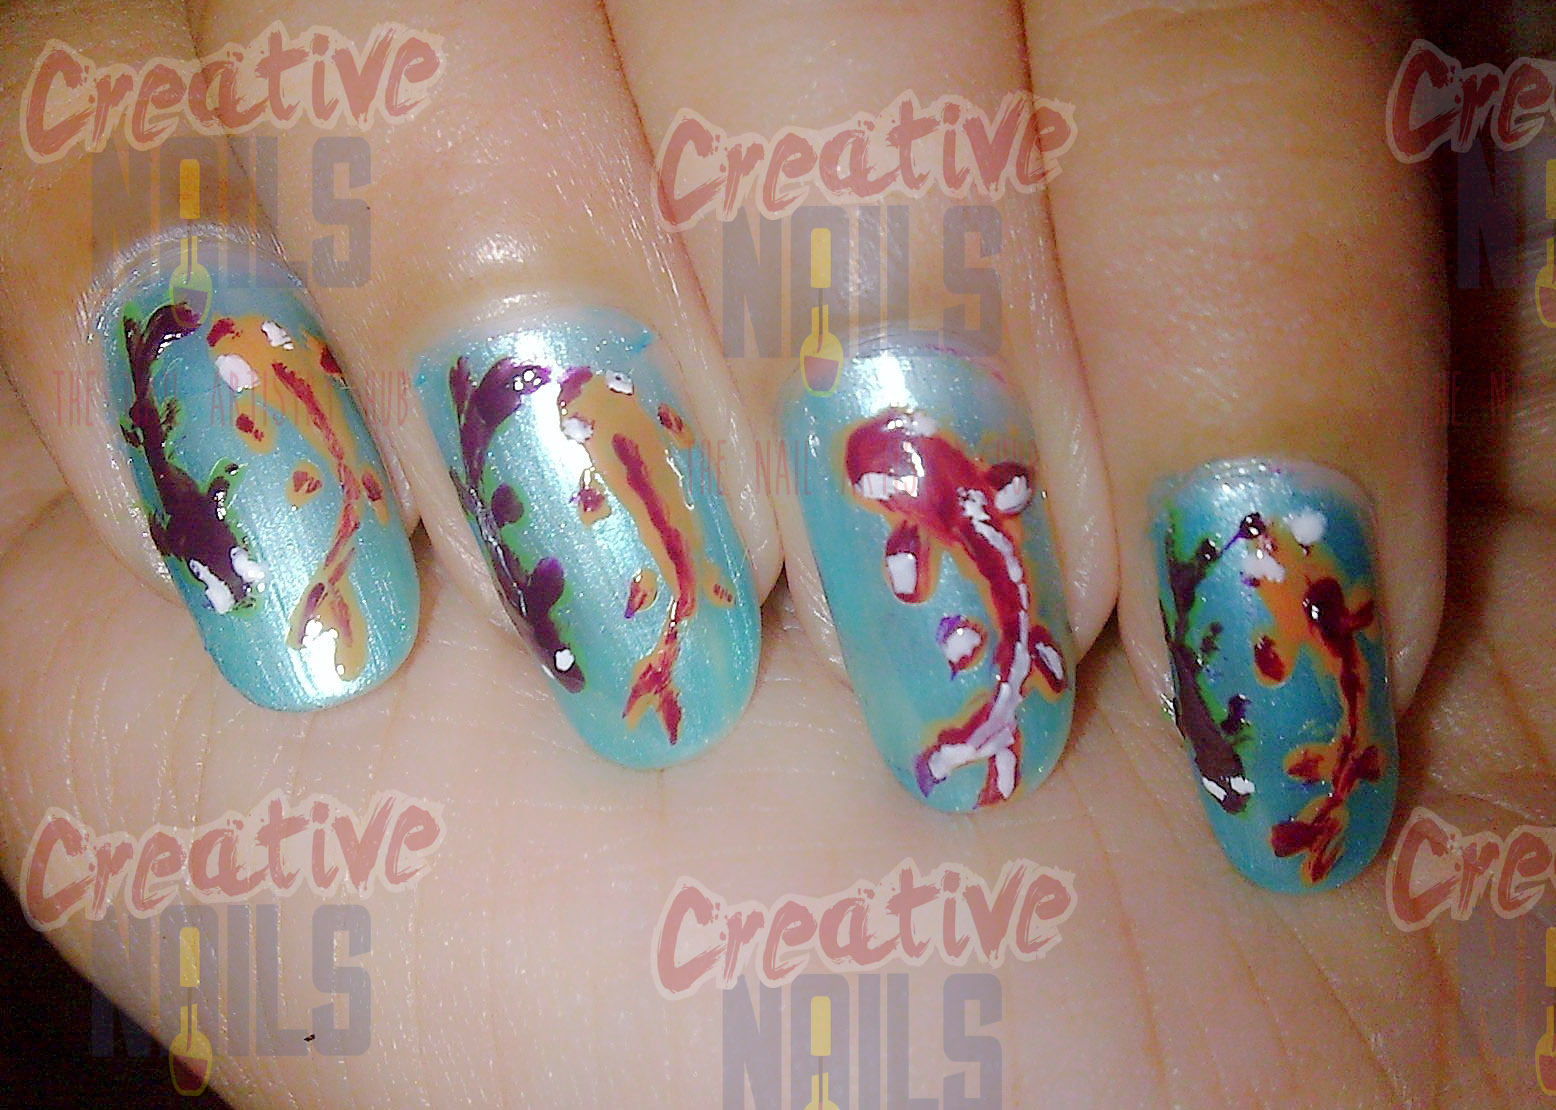 Fish on Nails Nail Art! – Creative Nails